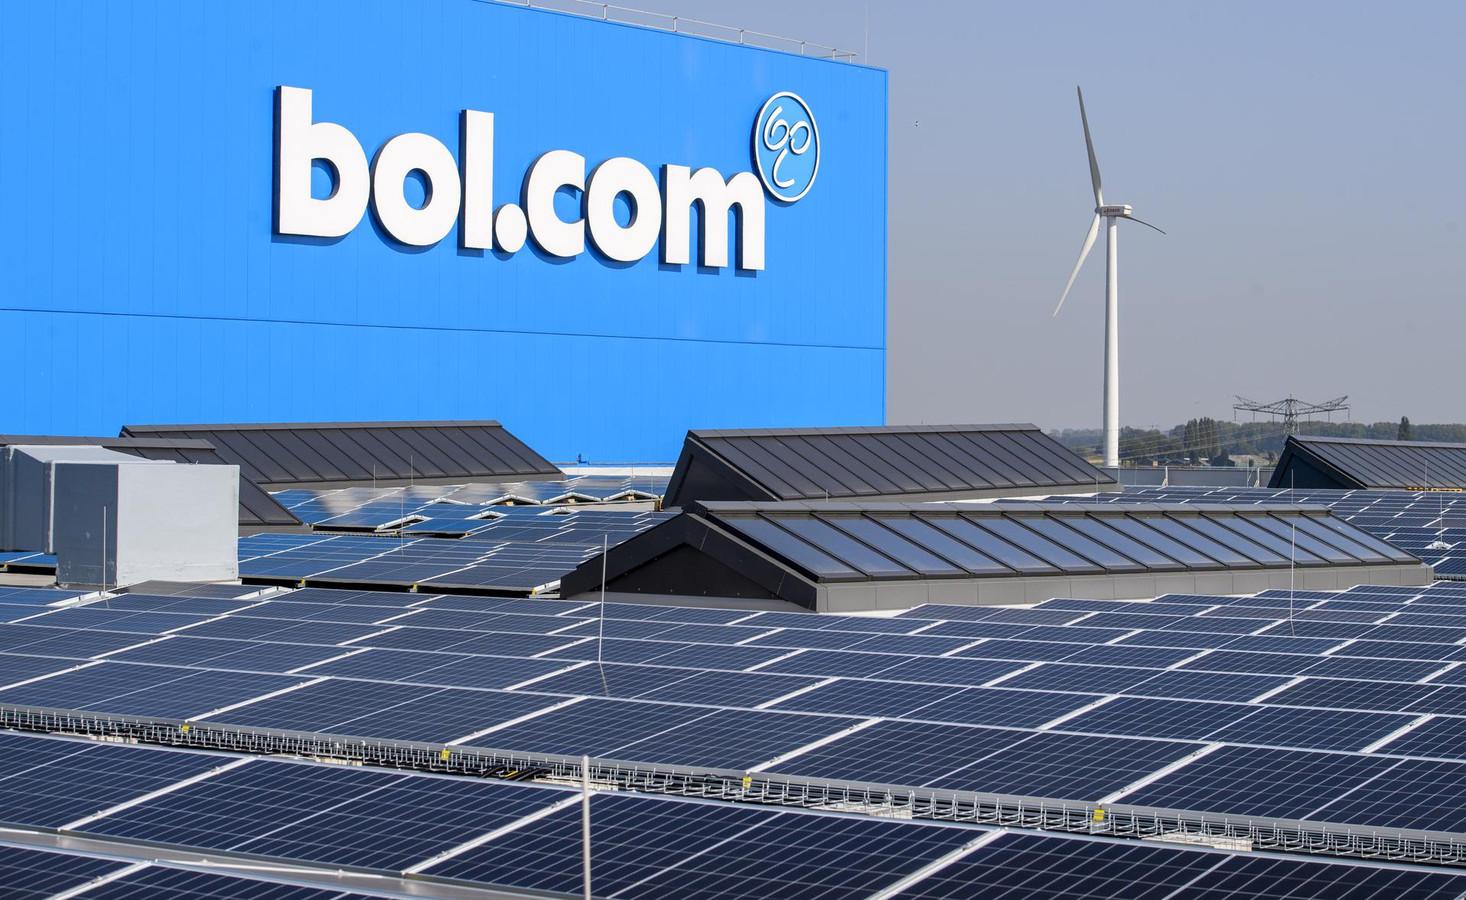 De 13.000 zonnepanelen op het dak van bol.com brengen jaarlijks 4 gigawatt aan energie op.